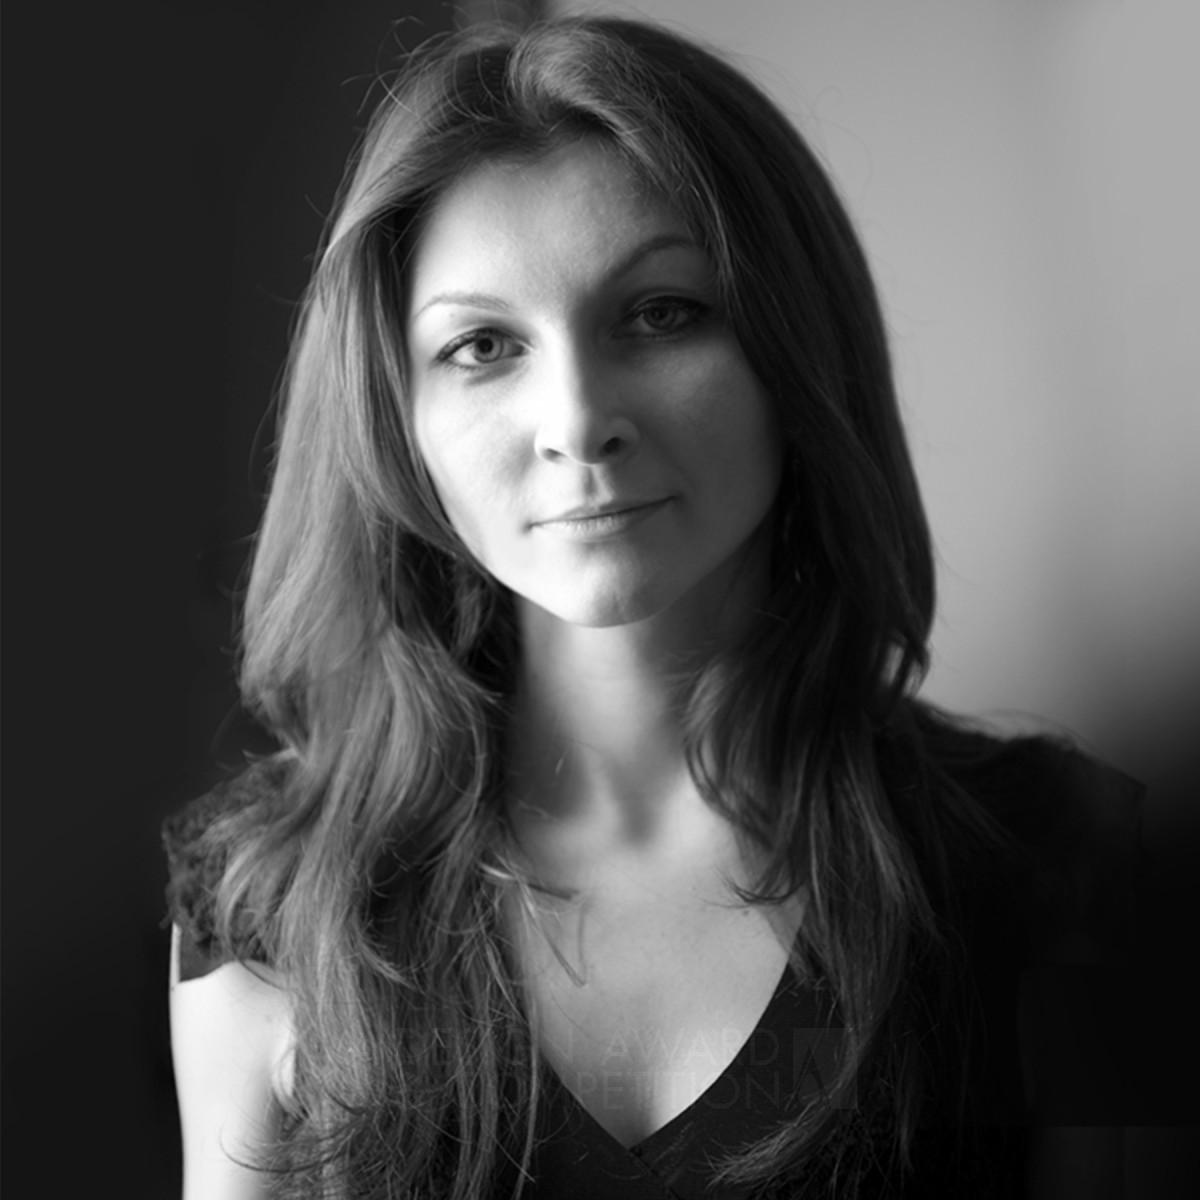 Olga Takhtarova